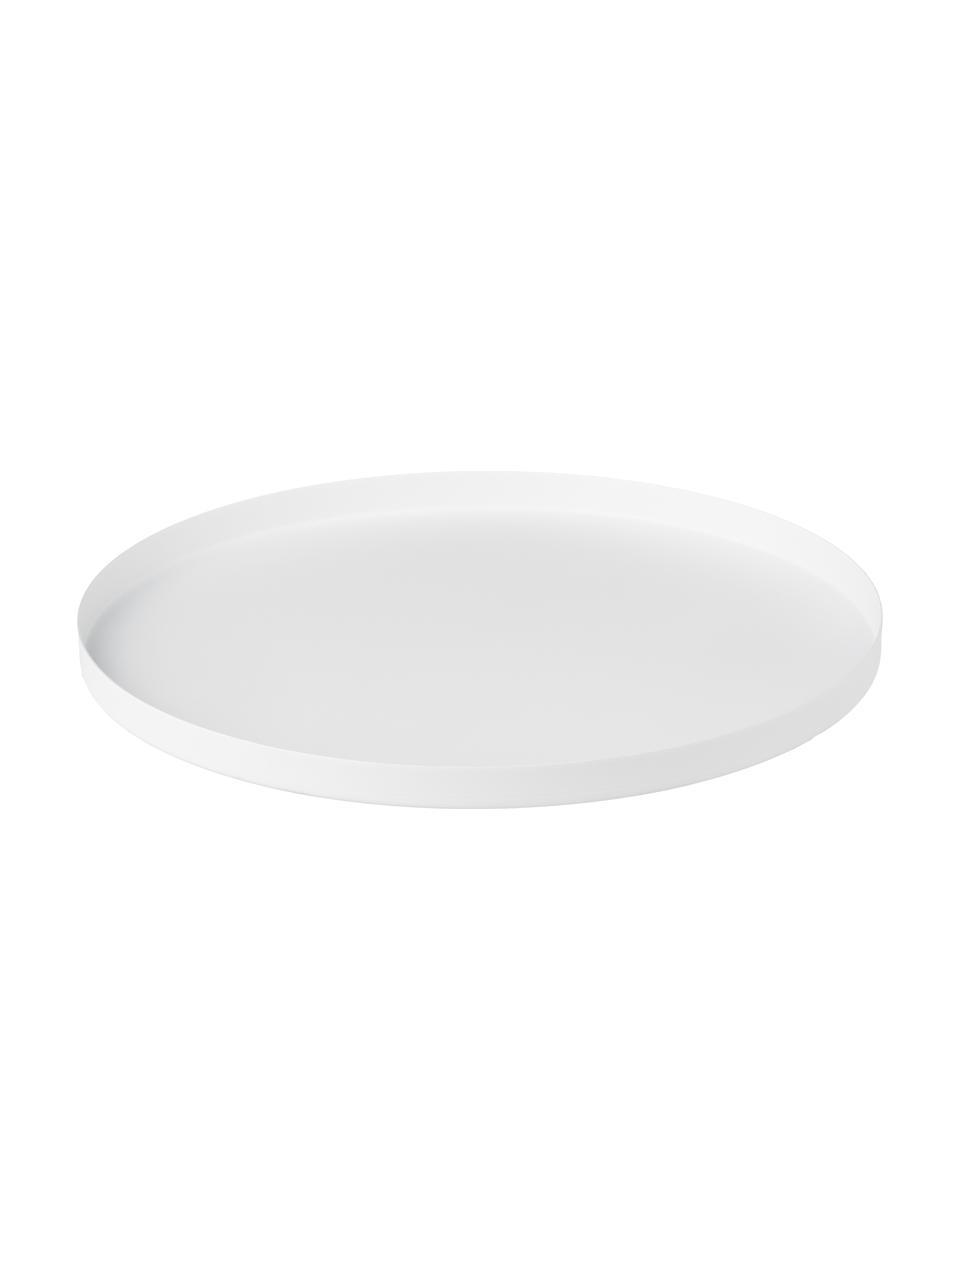 Bolvormige decoratief dienblad Circle in wit, Gepoedercoat edelstaal, Mat wit, Ø 40 x H 2 cm